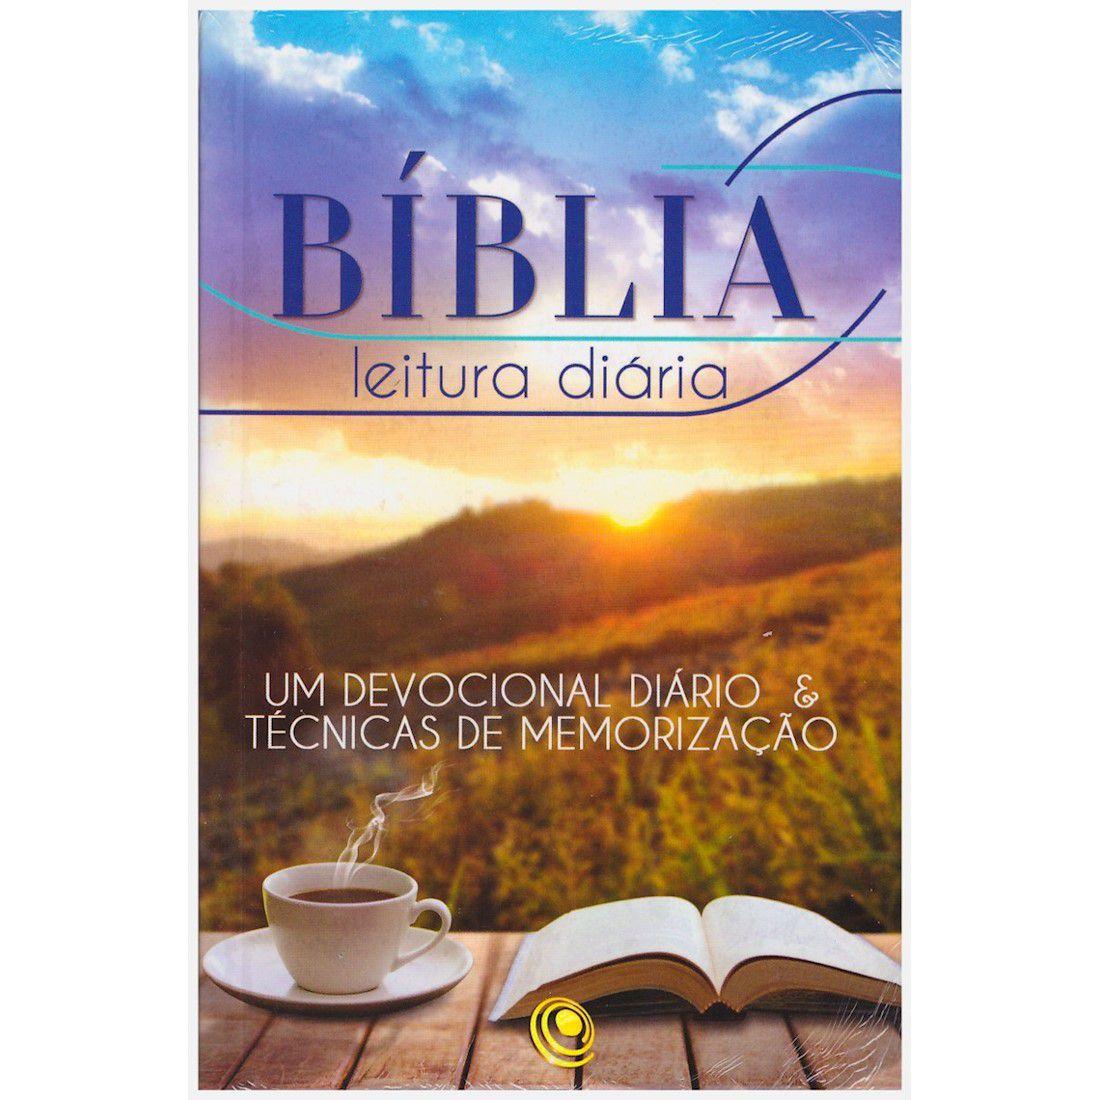 Bíblia Leitura Diária - Silas Malafaia